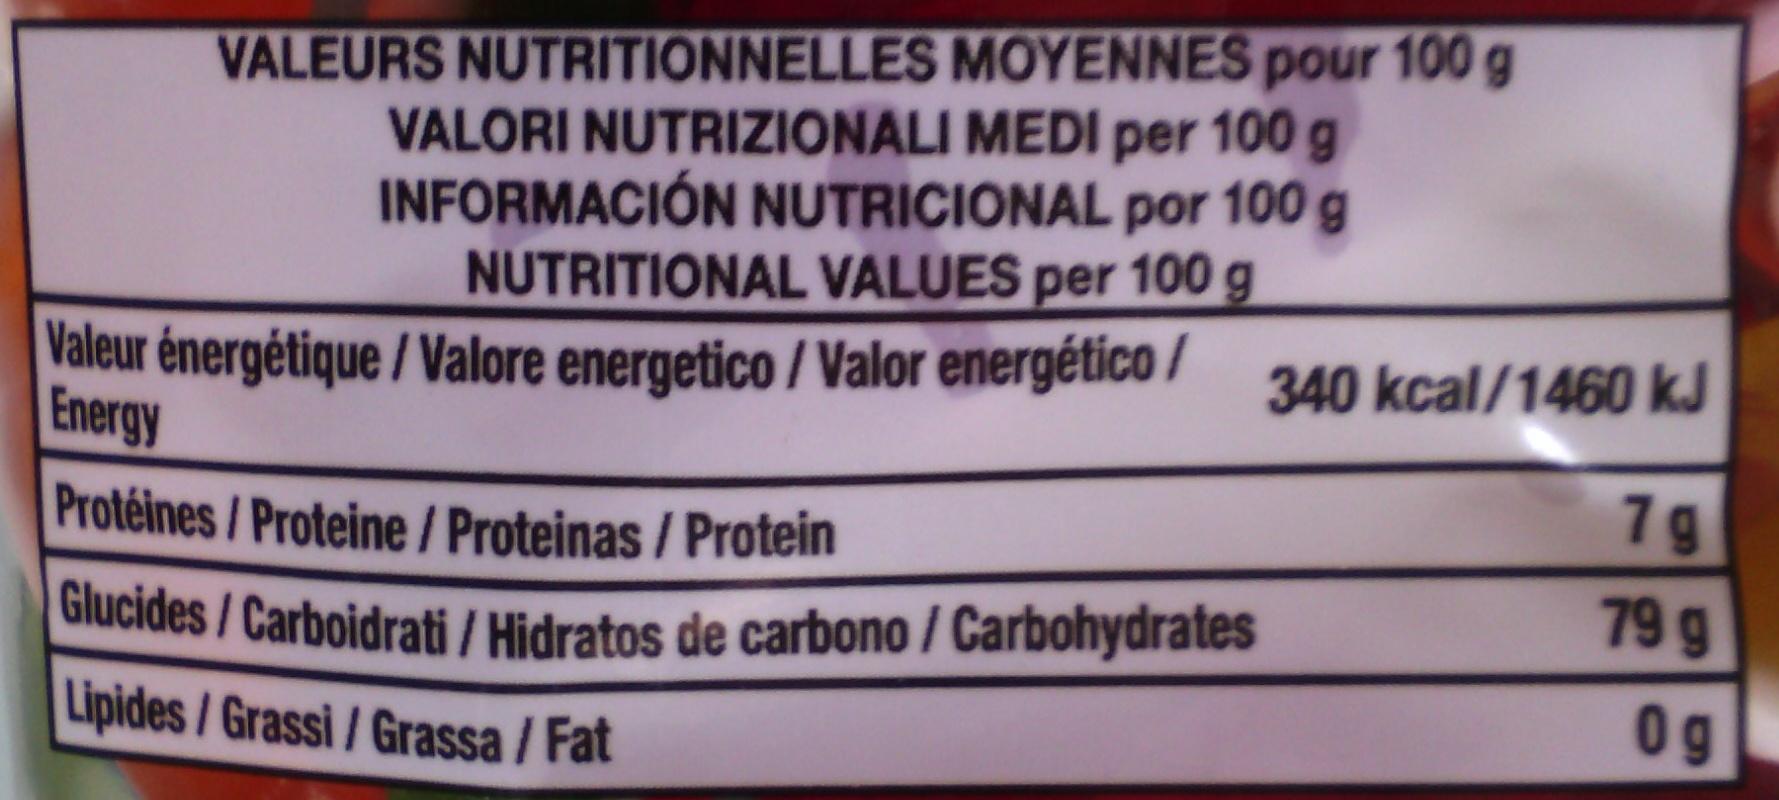 CROCO 280G - Valori nutrizionali